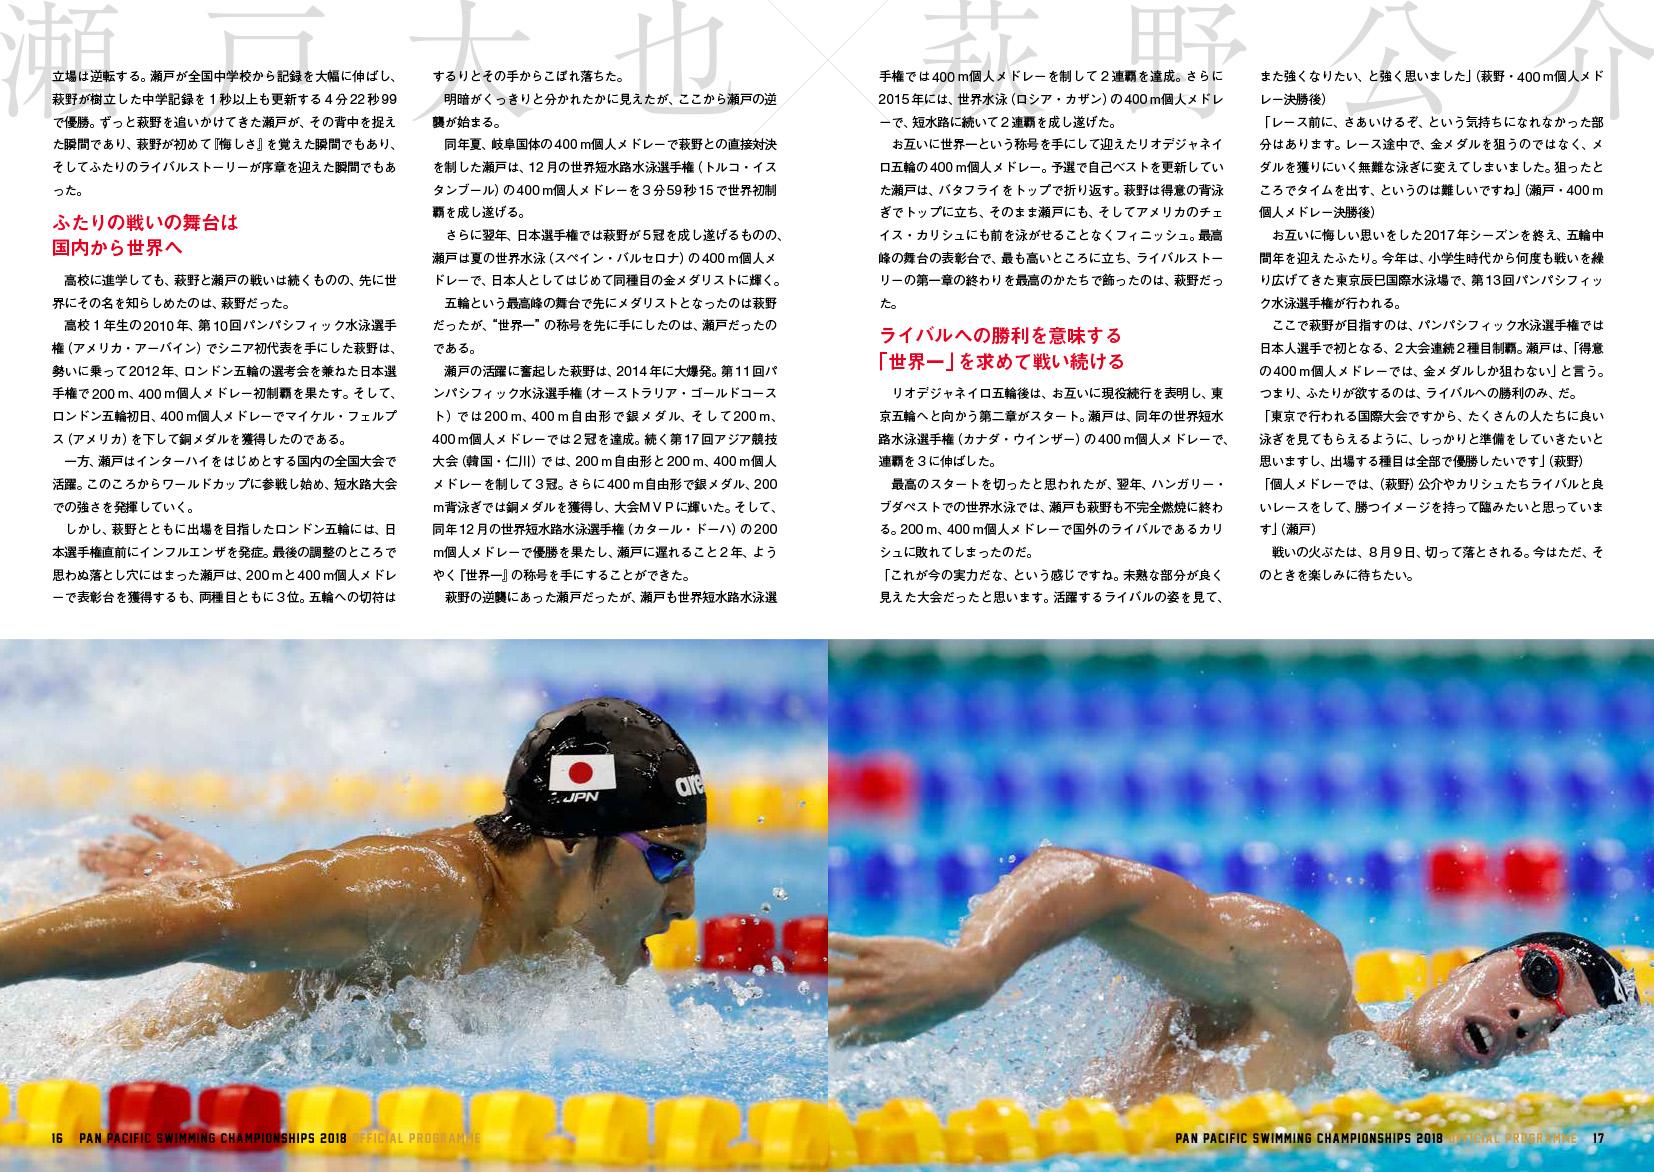 パンパシフィック水泳選手権パンフレット